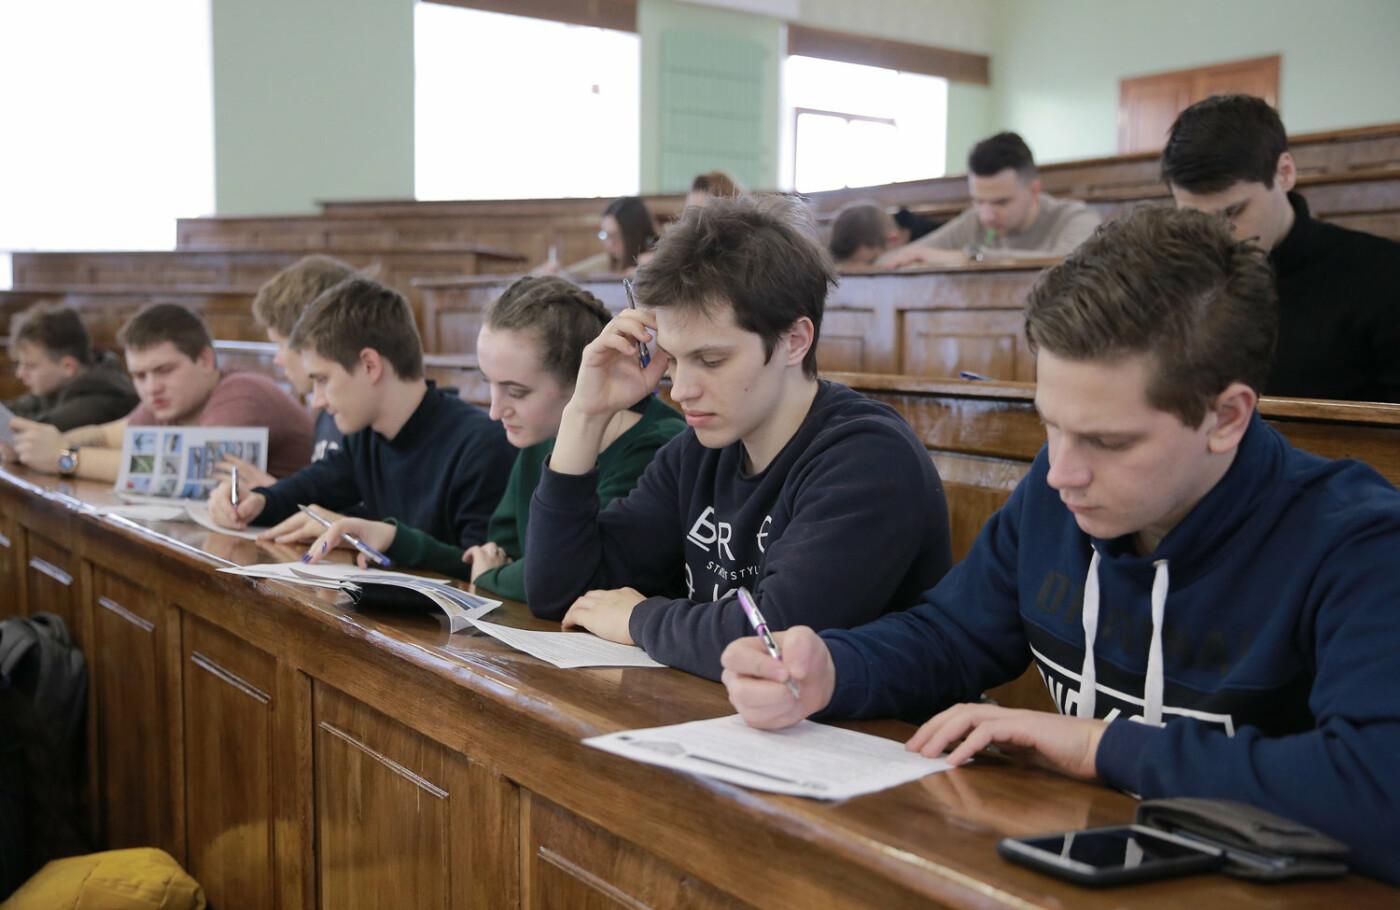 Херсонские студенты приблизились к поездке в Париж в рамках конкурса «Авиатор», фото-1